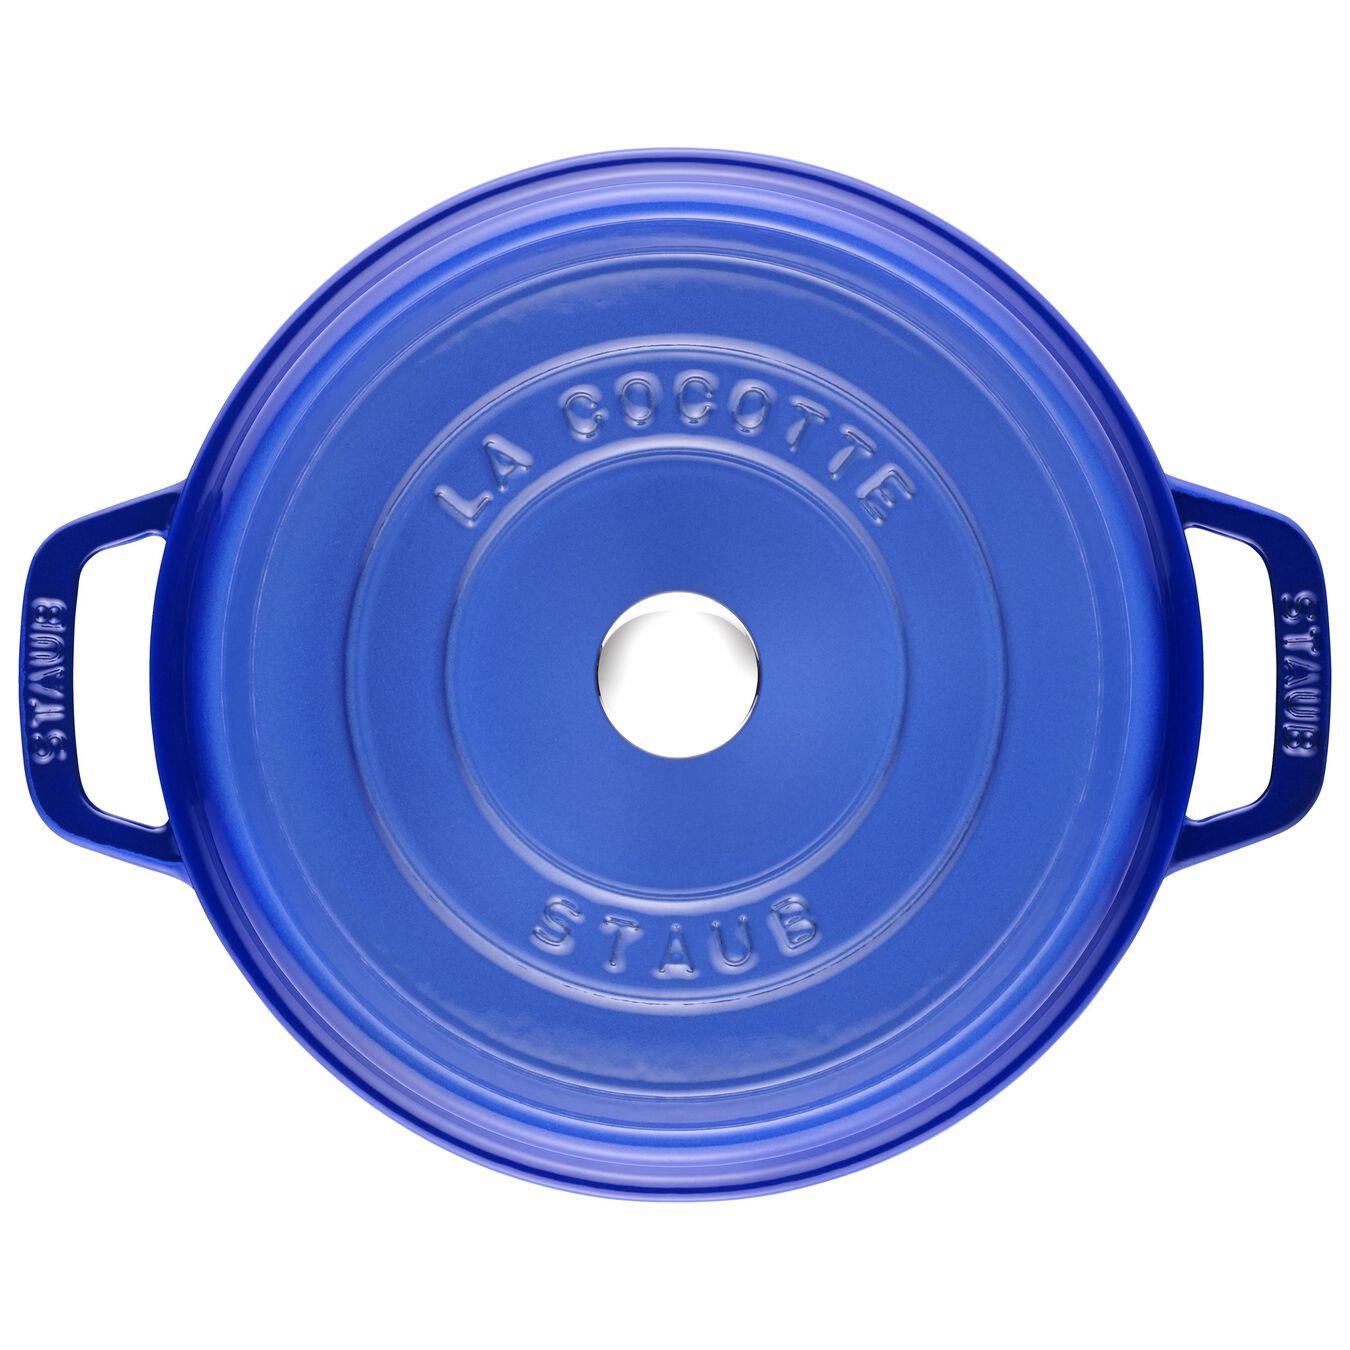 Cocotte 24 cm, Rond(e), Bleu roi, Fonte,,large 1